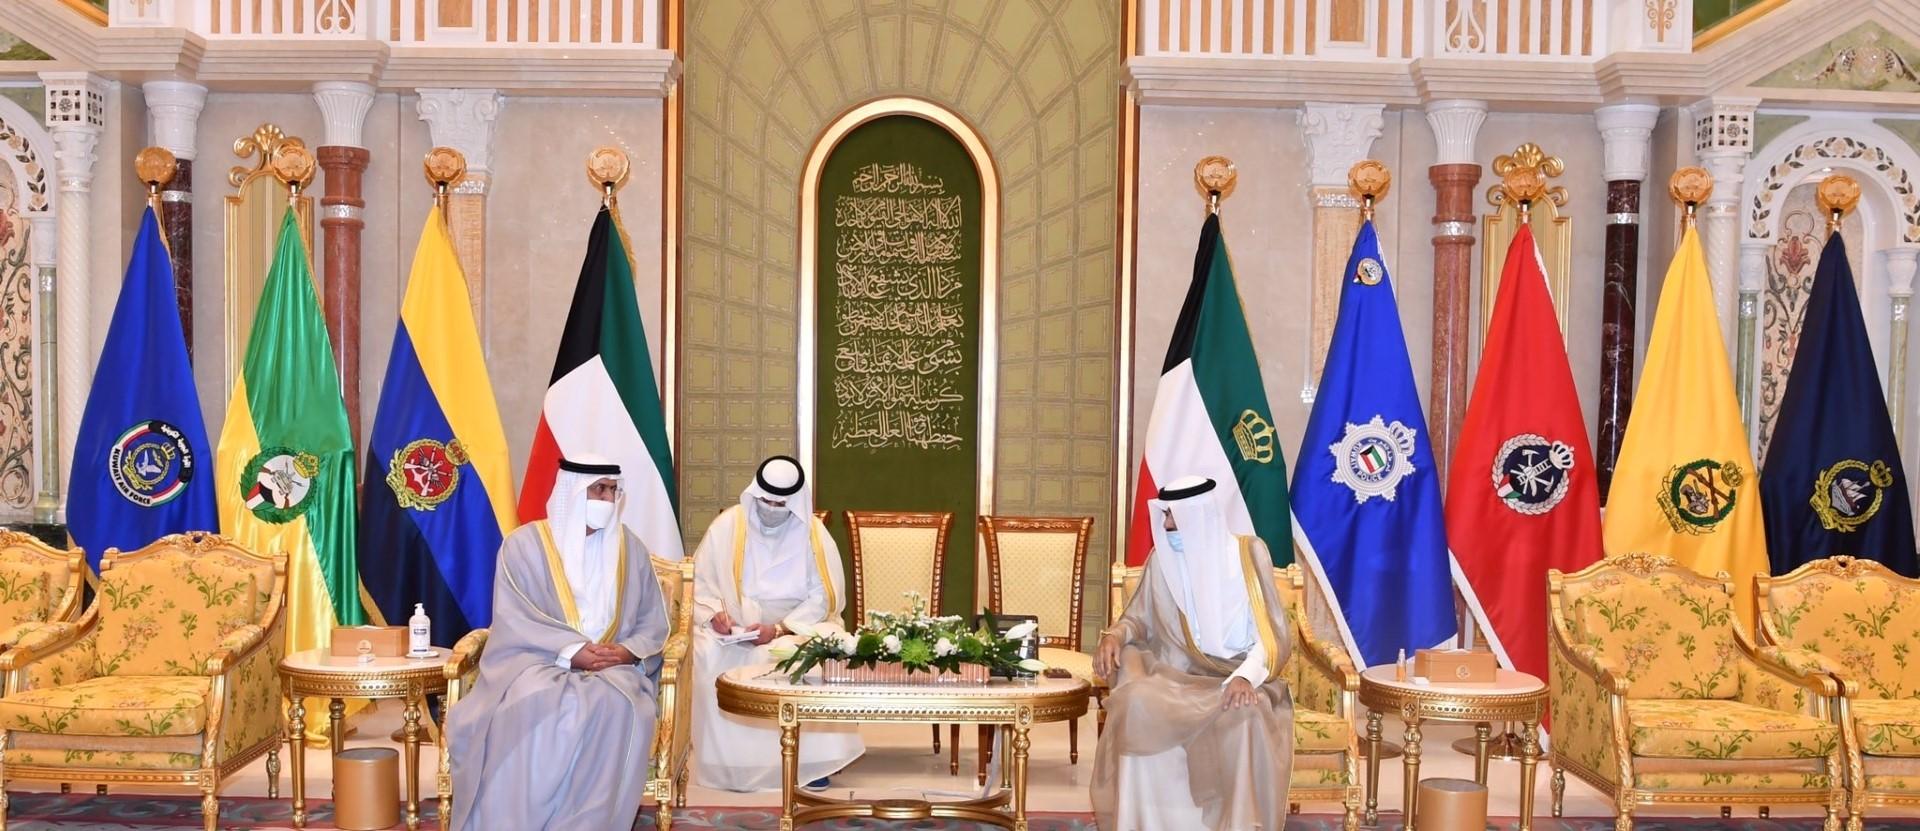 سفير الإمارات يقدّم أوراق اعتماده إلى أمير الكويت